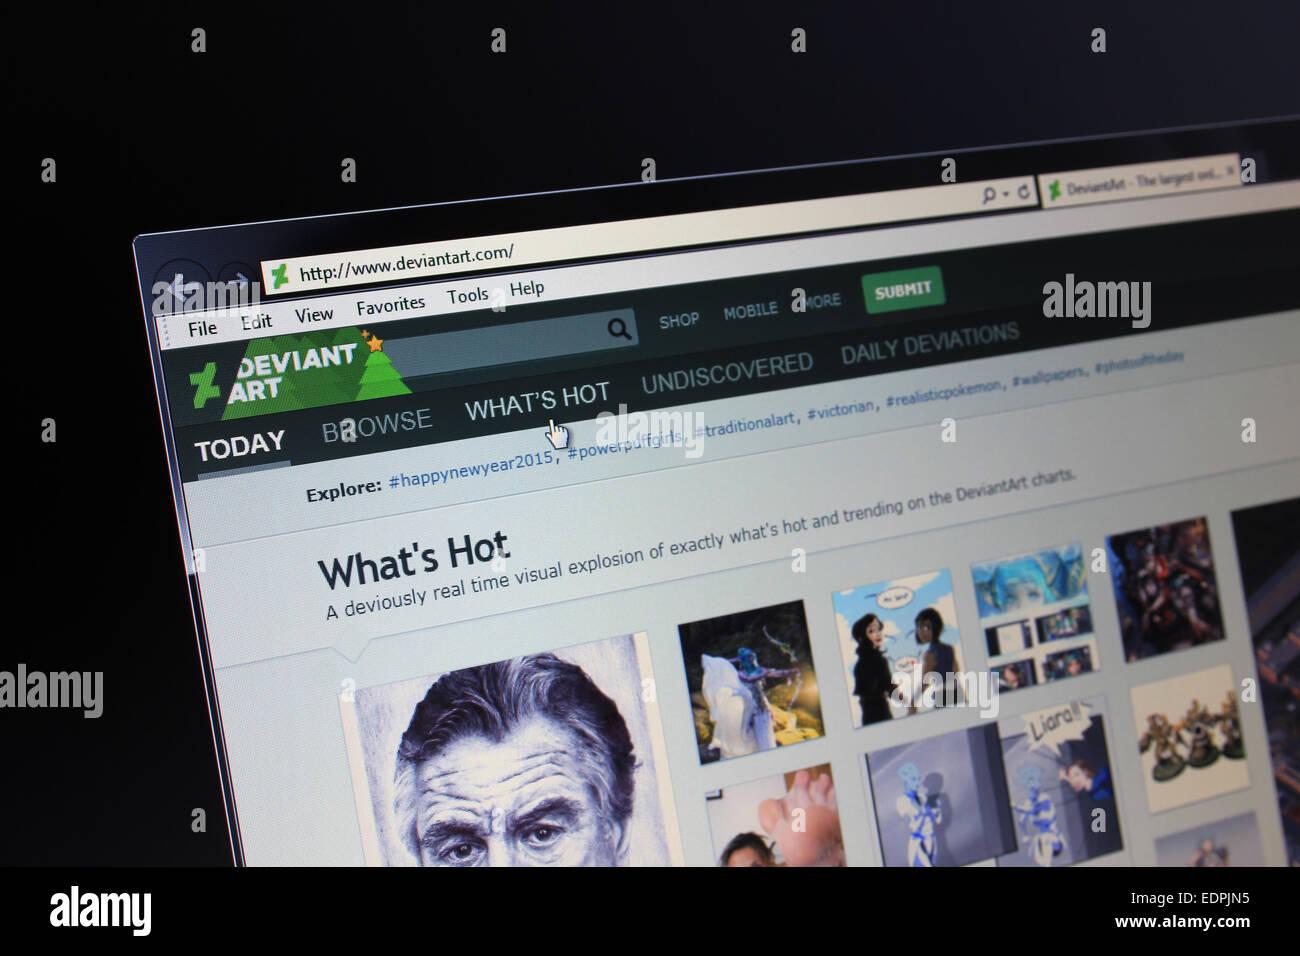 Deviantart.com Deviant art - Stock Image